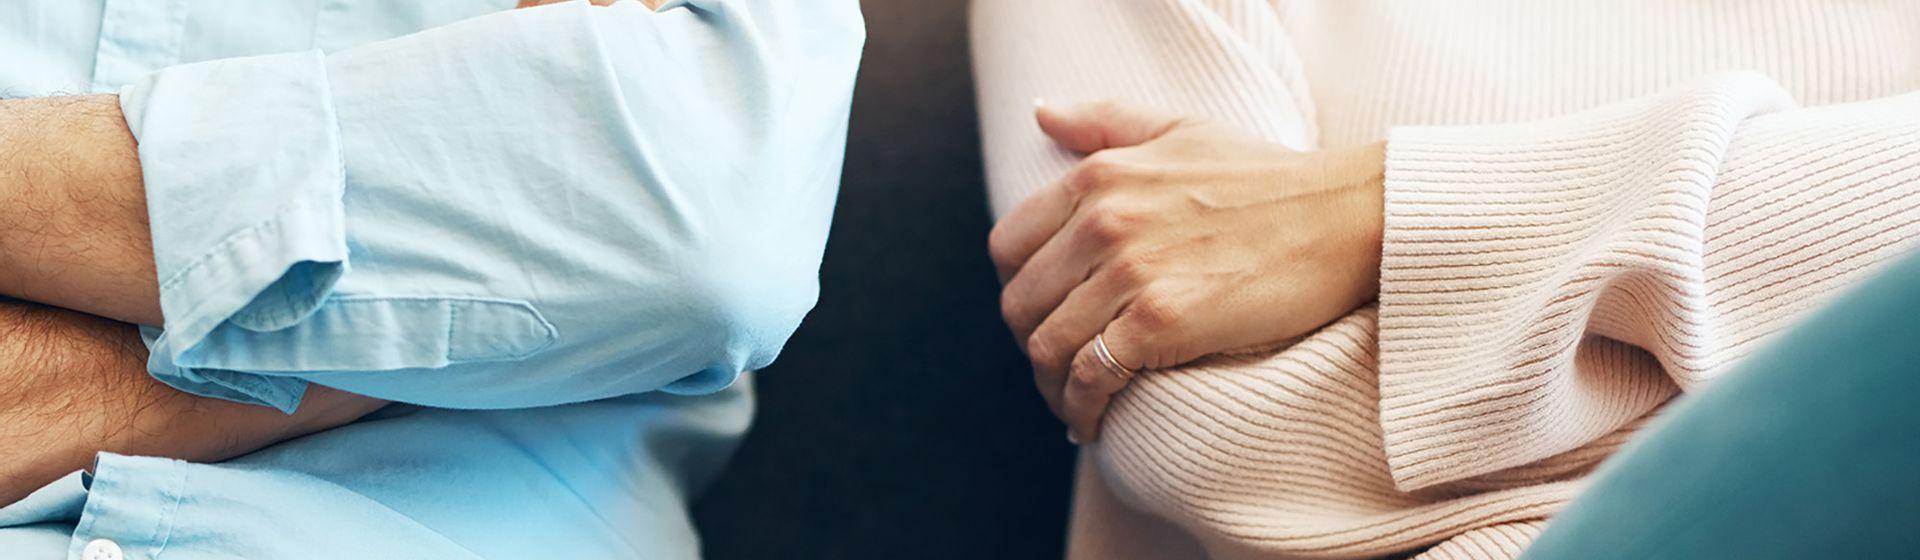 Je gezamenlijke bezittingen verdelen. man en vrouw zitten met hun armen over elkaar heen   Het Notarieel